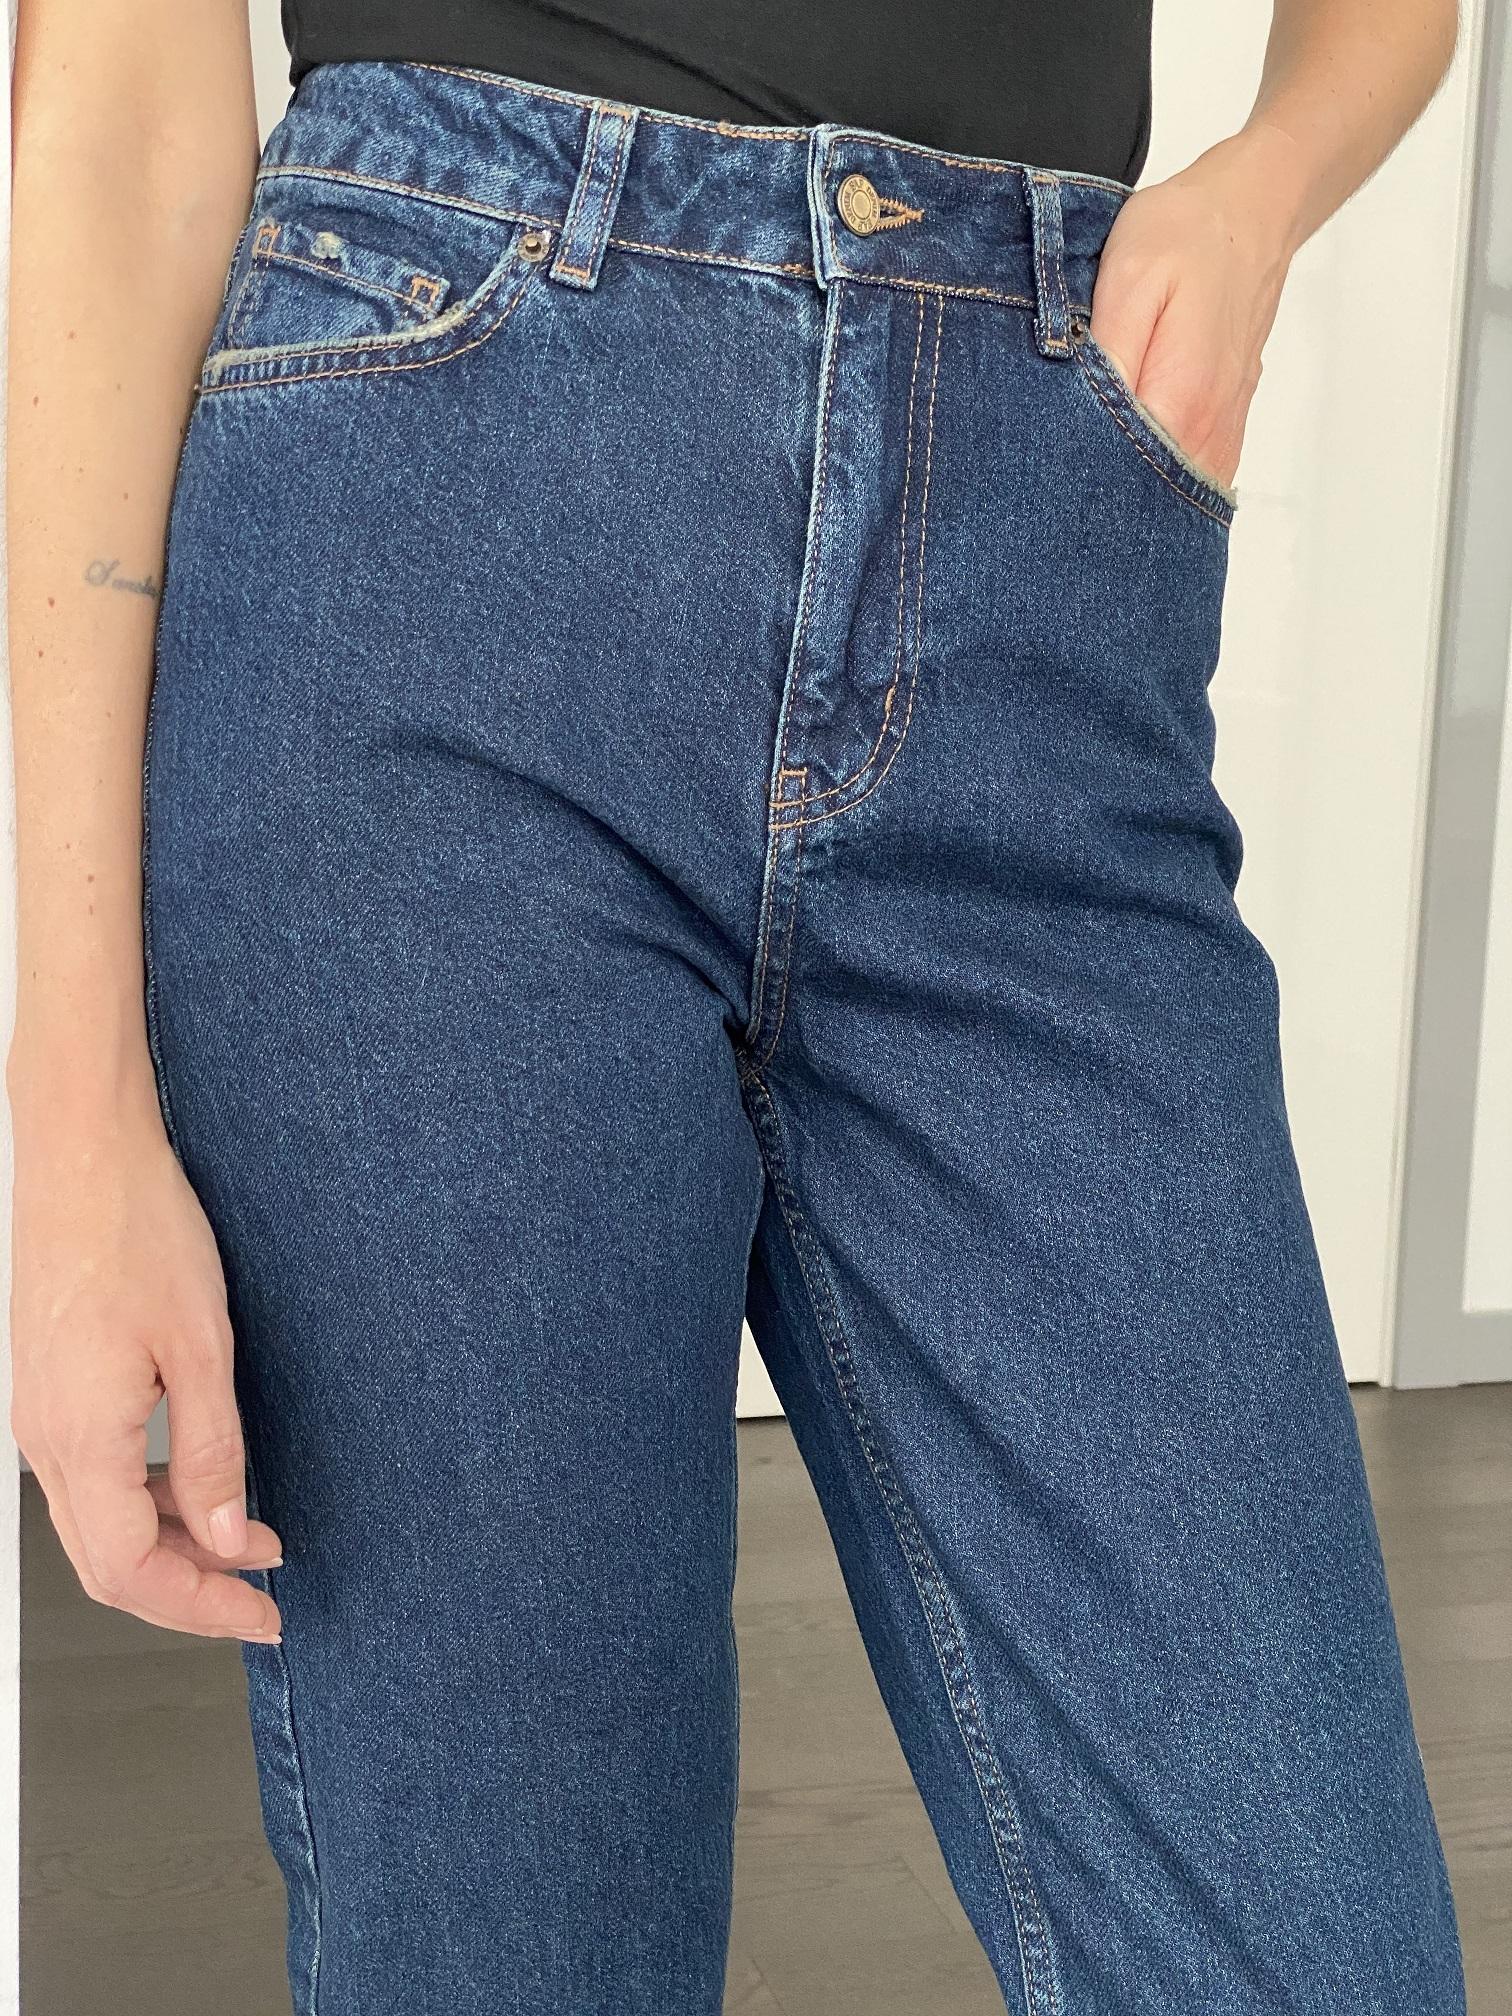 Джинсы , MOM, Hit (11-темная джинса)